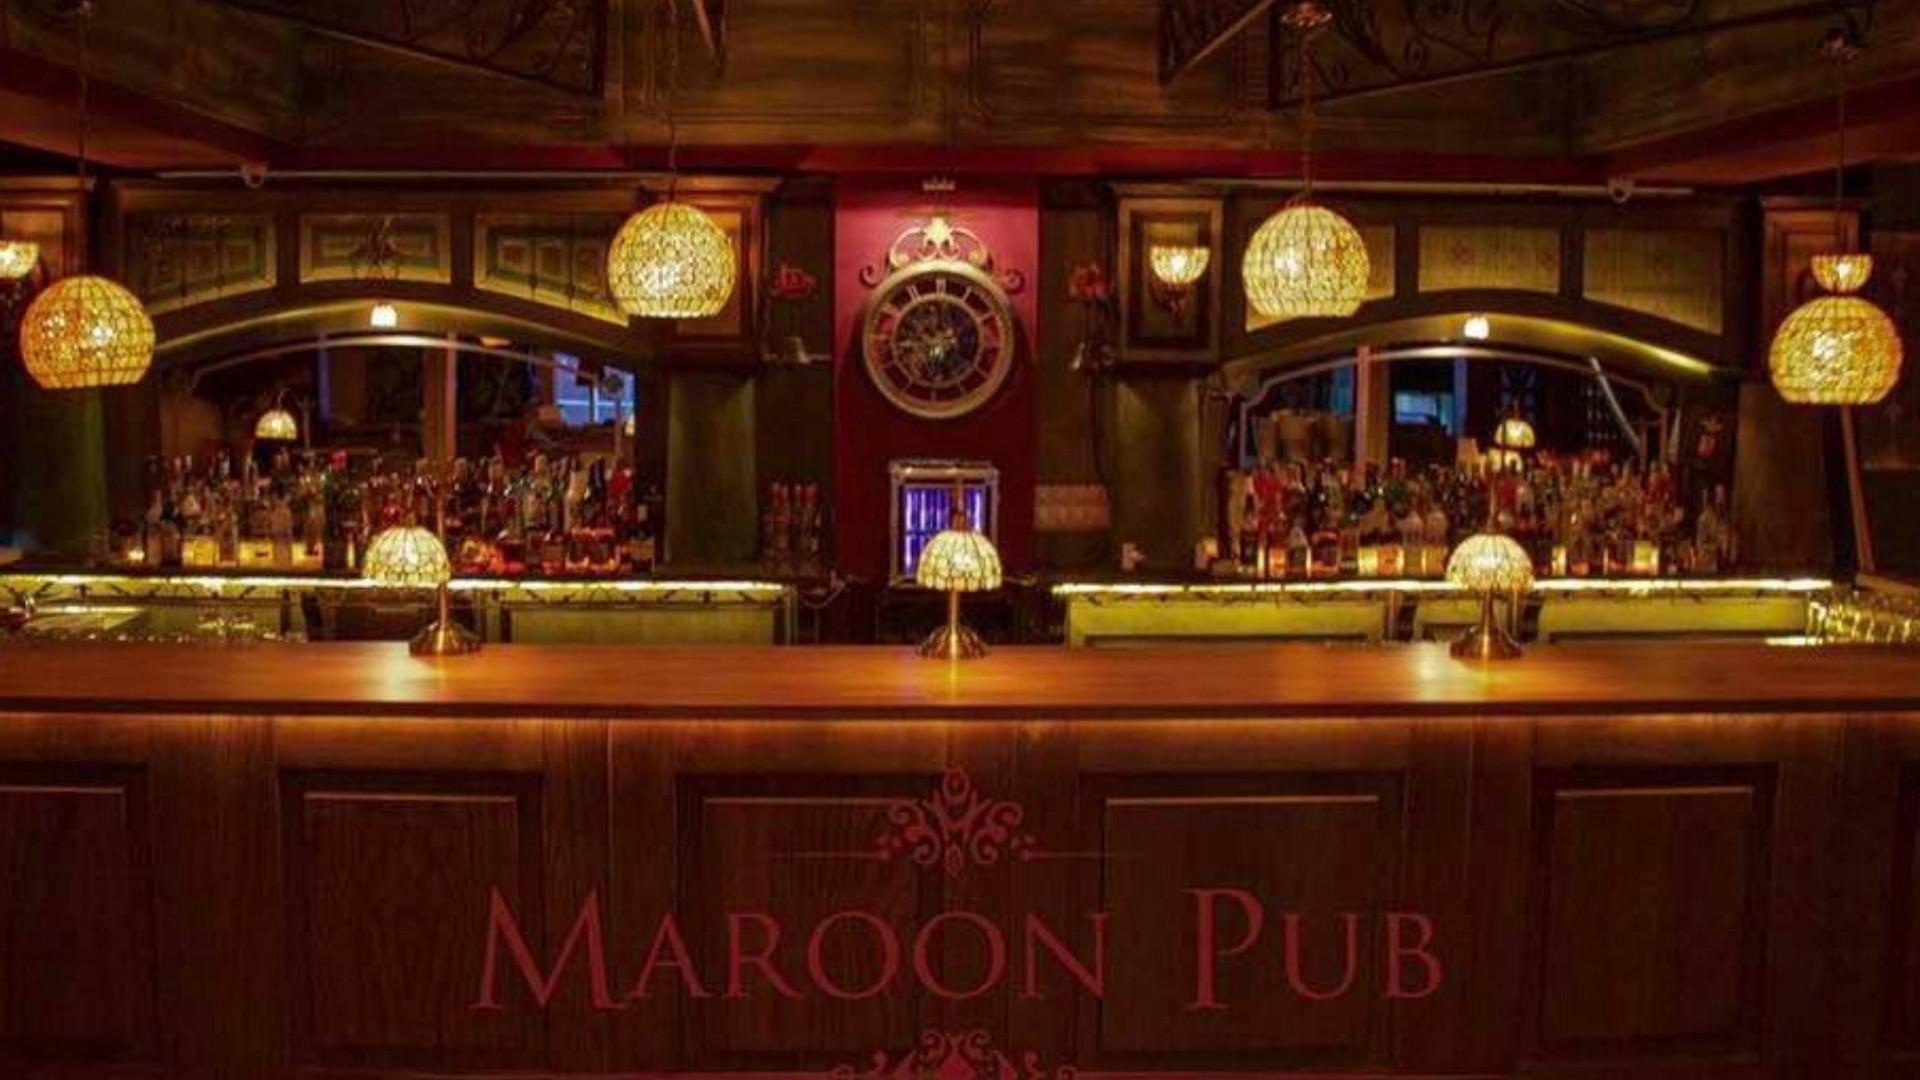 Maroon Pub